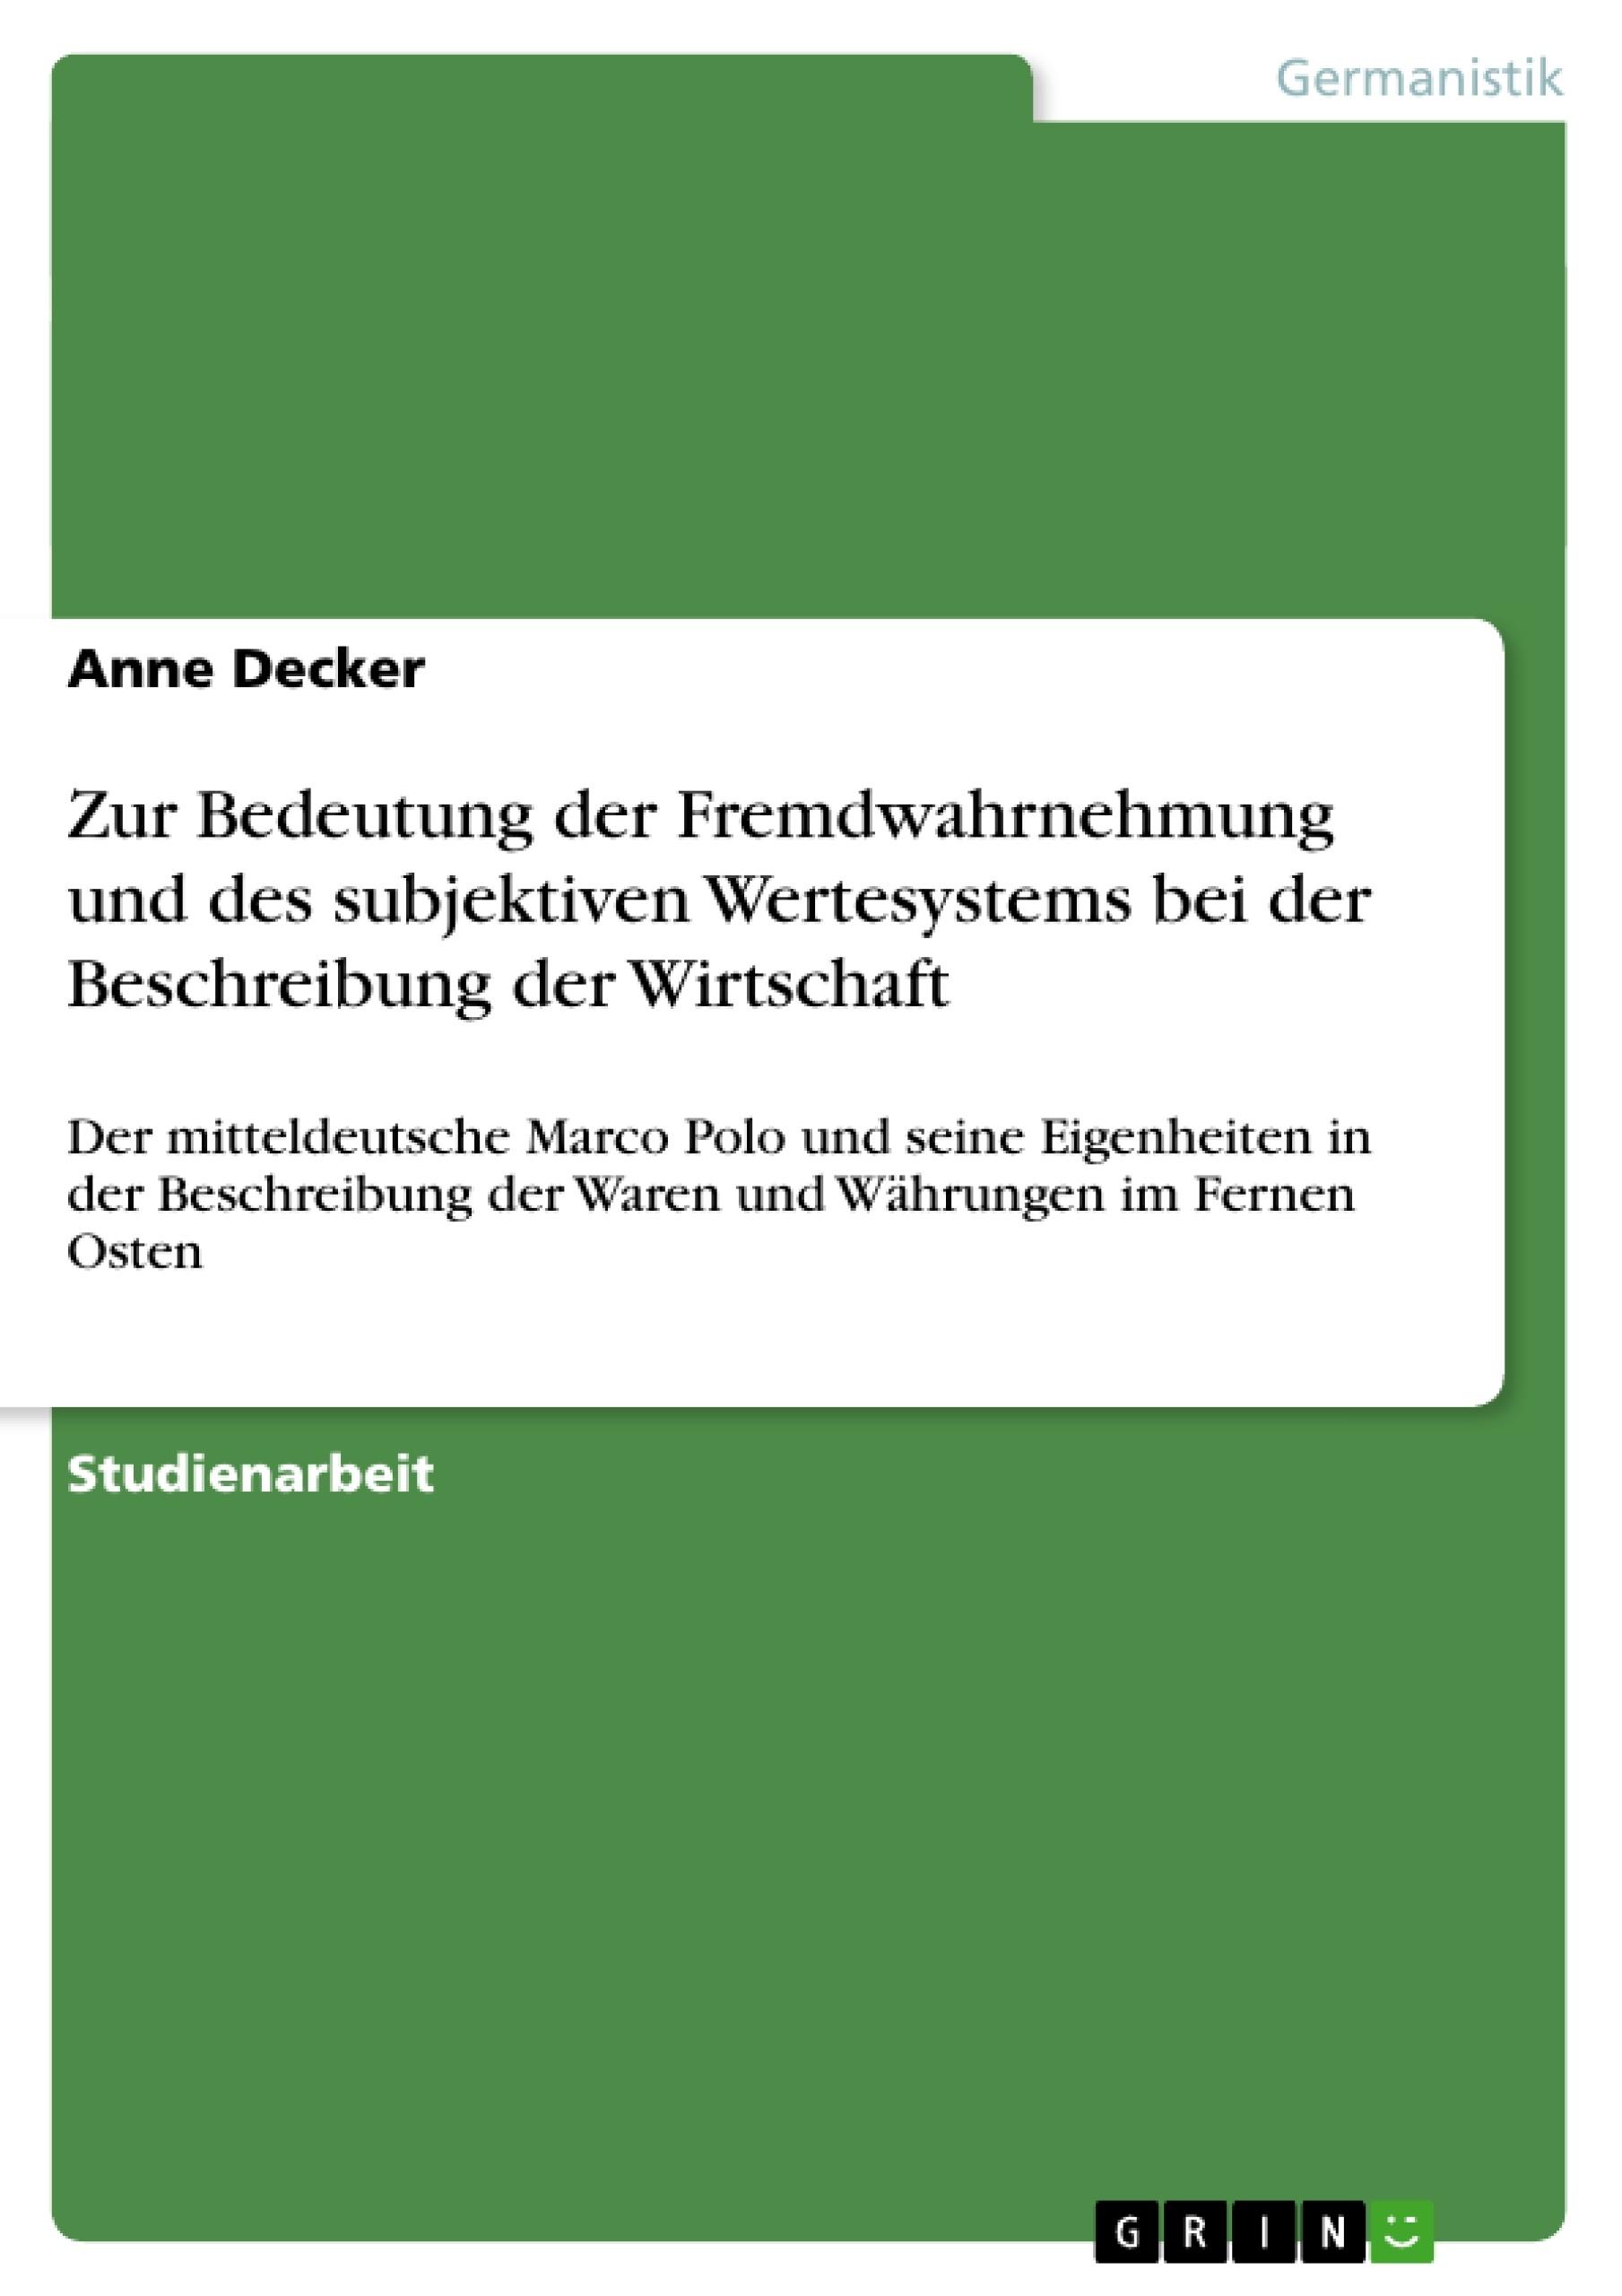 Titel: Zur Bedeutung der Fremdwahrnehmung und des subjektiven Wertesystems bei der Beschreibung der Wirtschaft